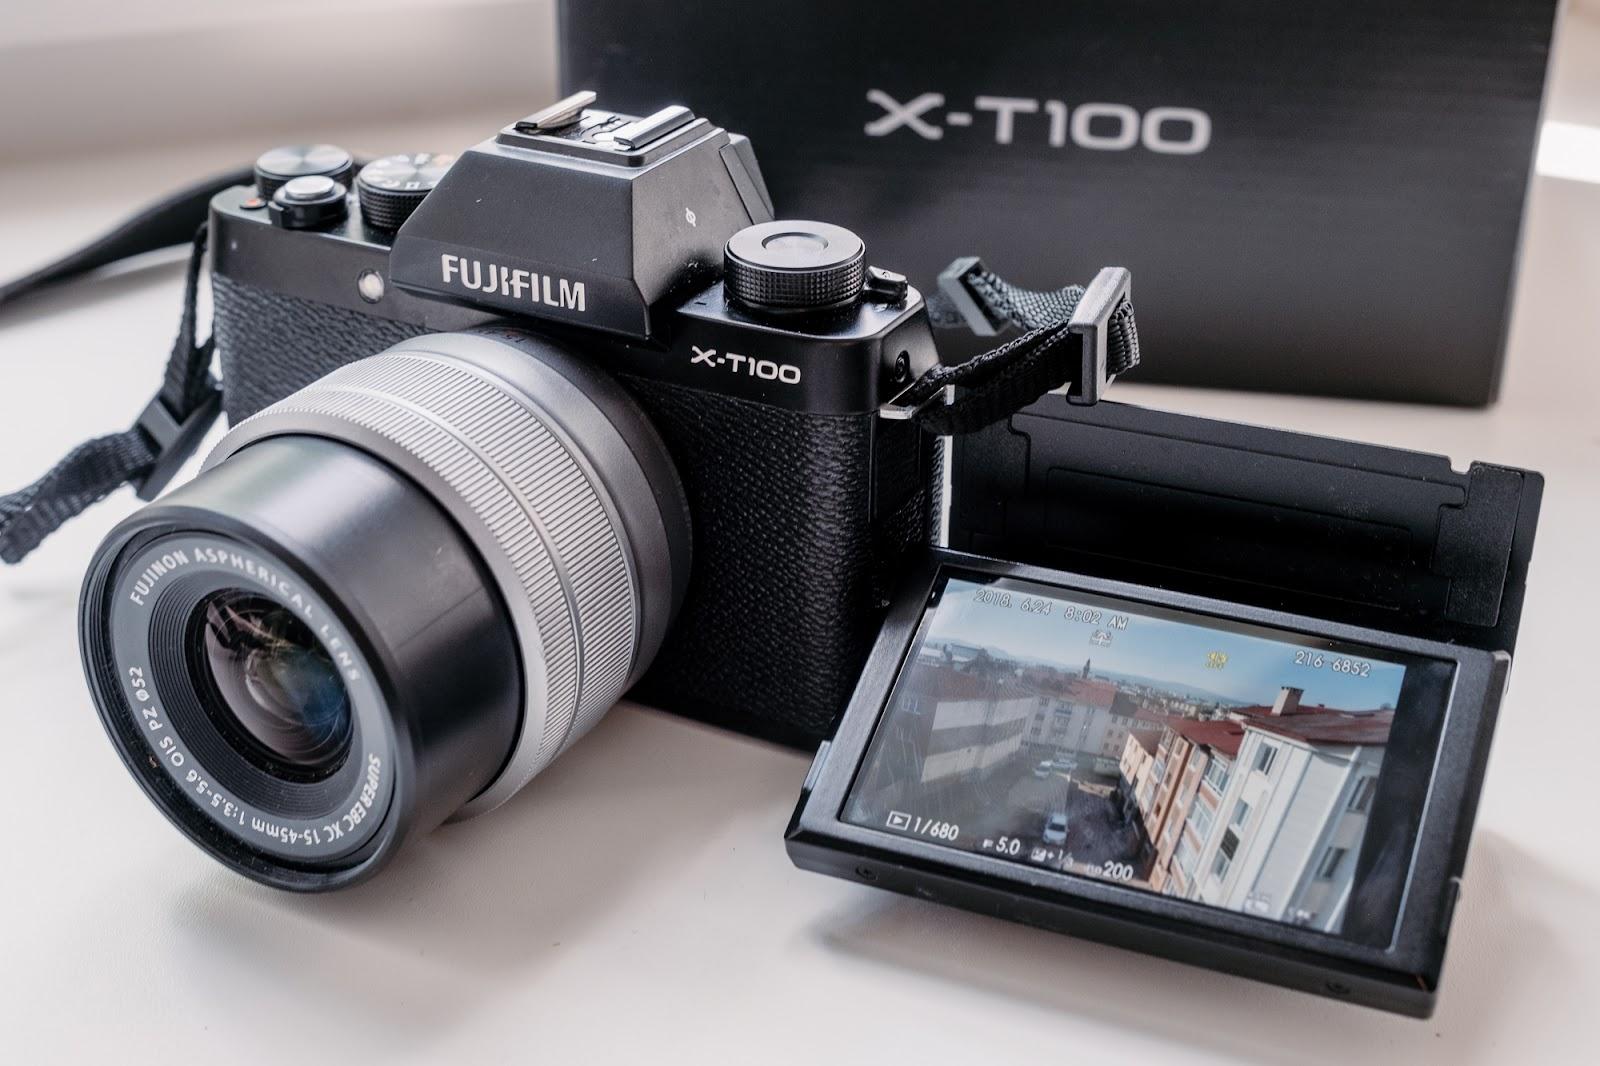 недорогие зеркалки для начинающих фотографов при